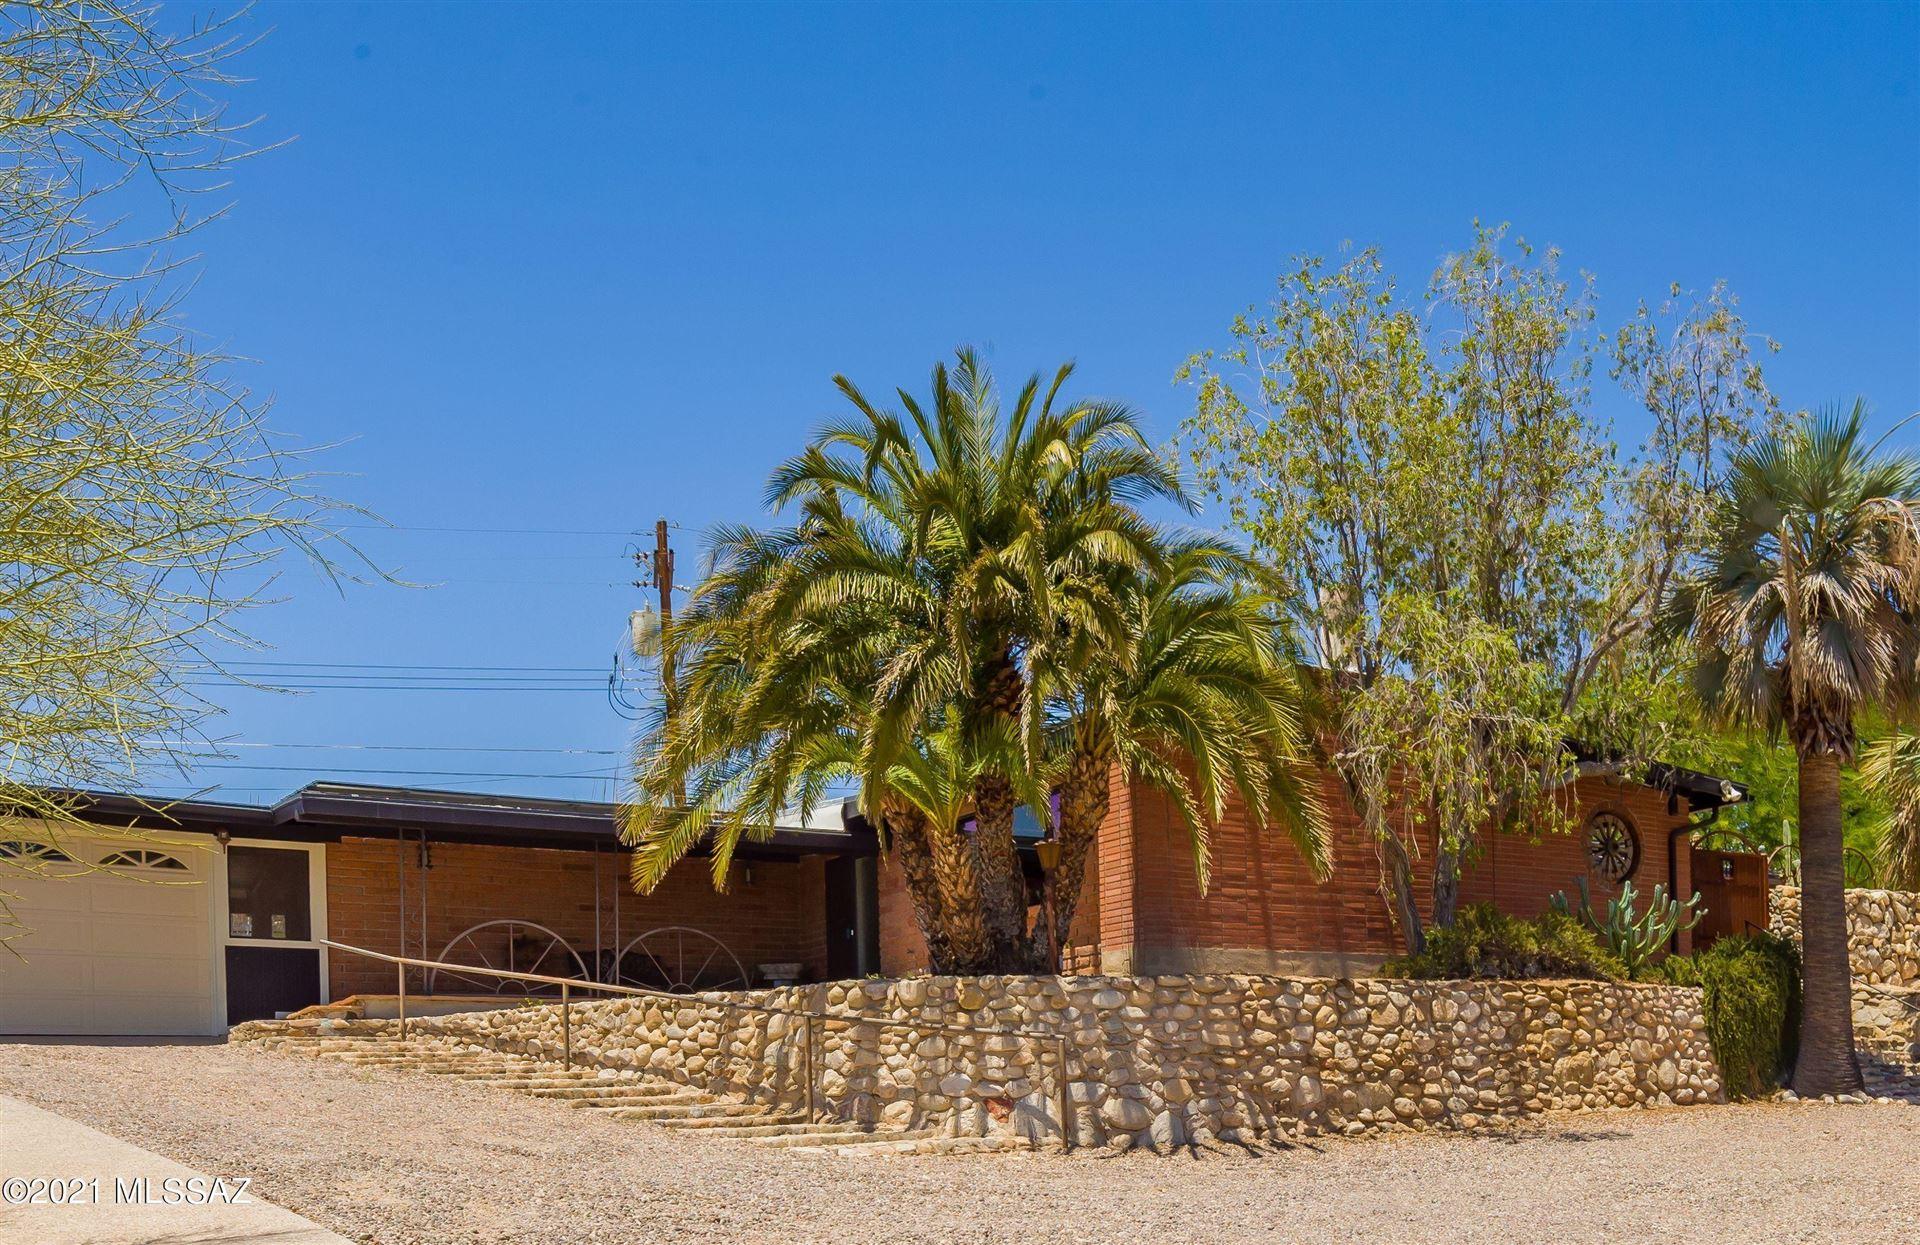 7331 N Oleander Vista, Tucson, AZ 85704 - MLS#: 22113822